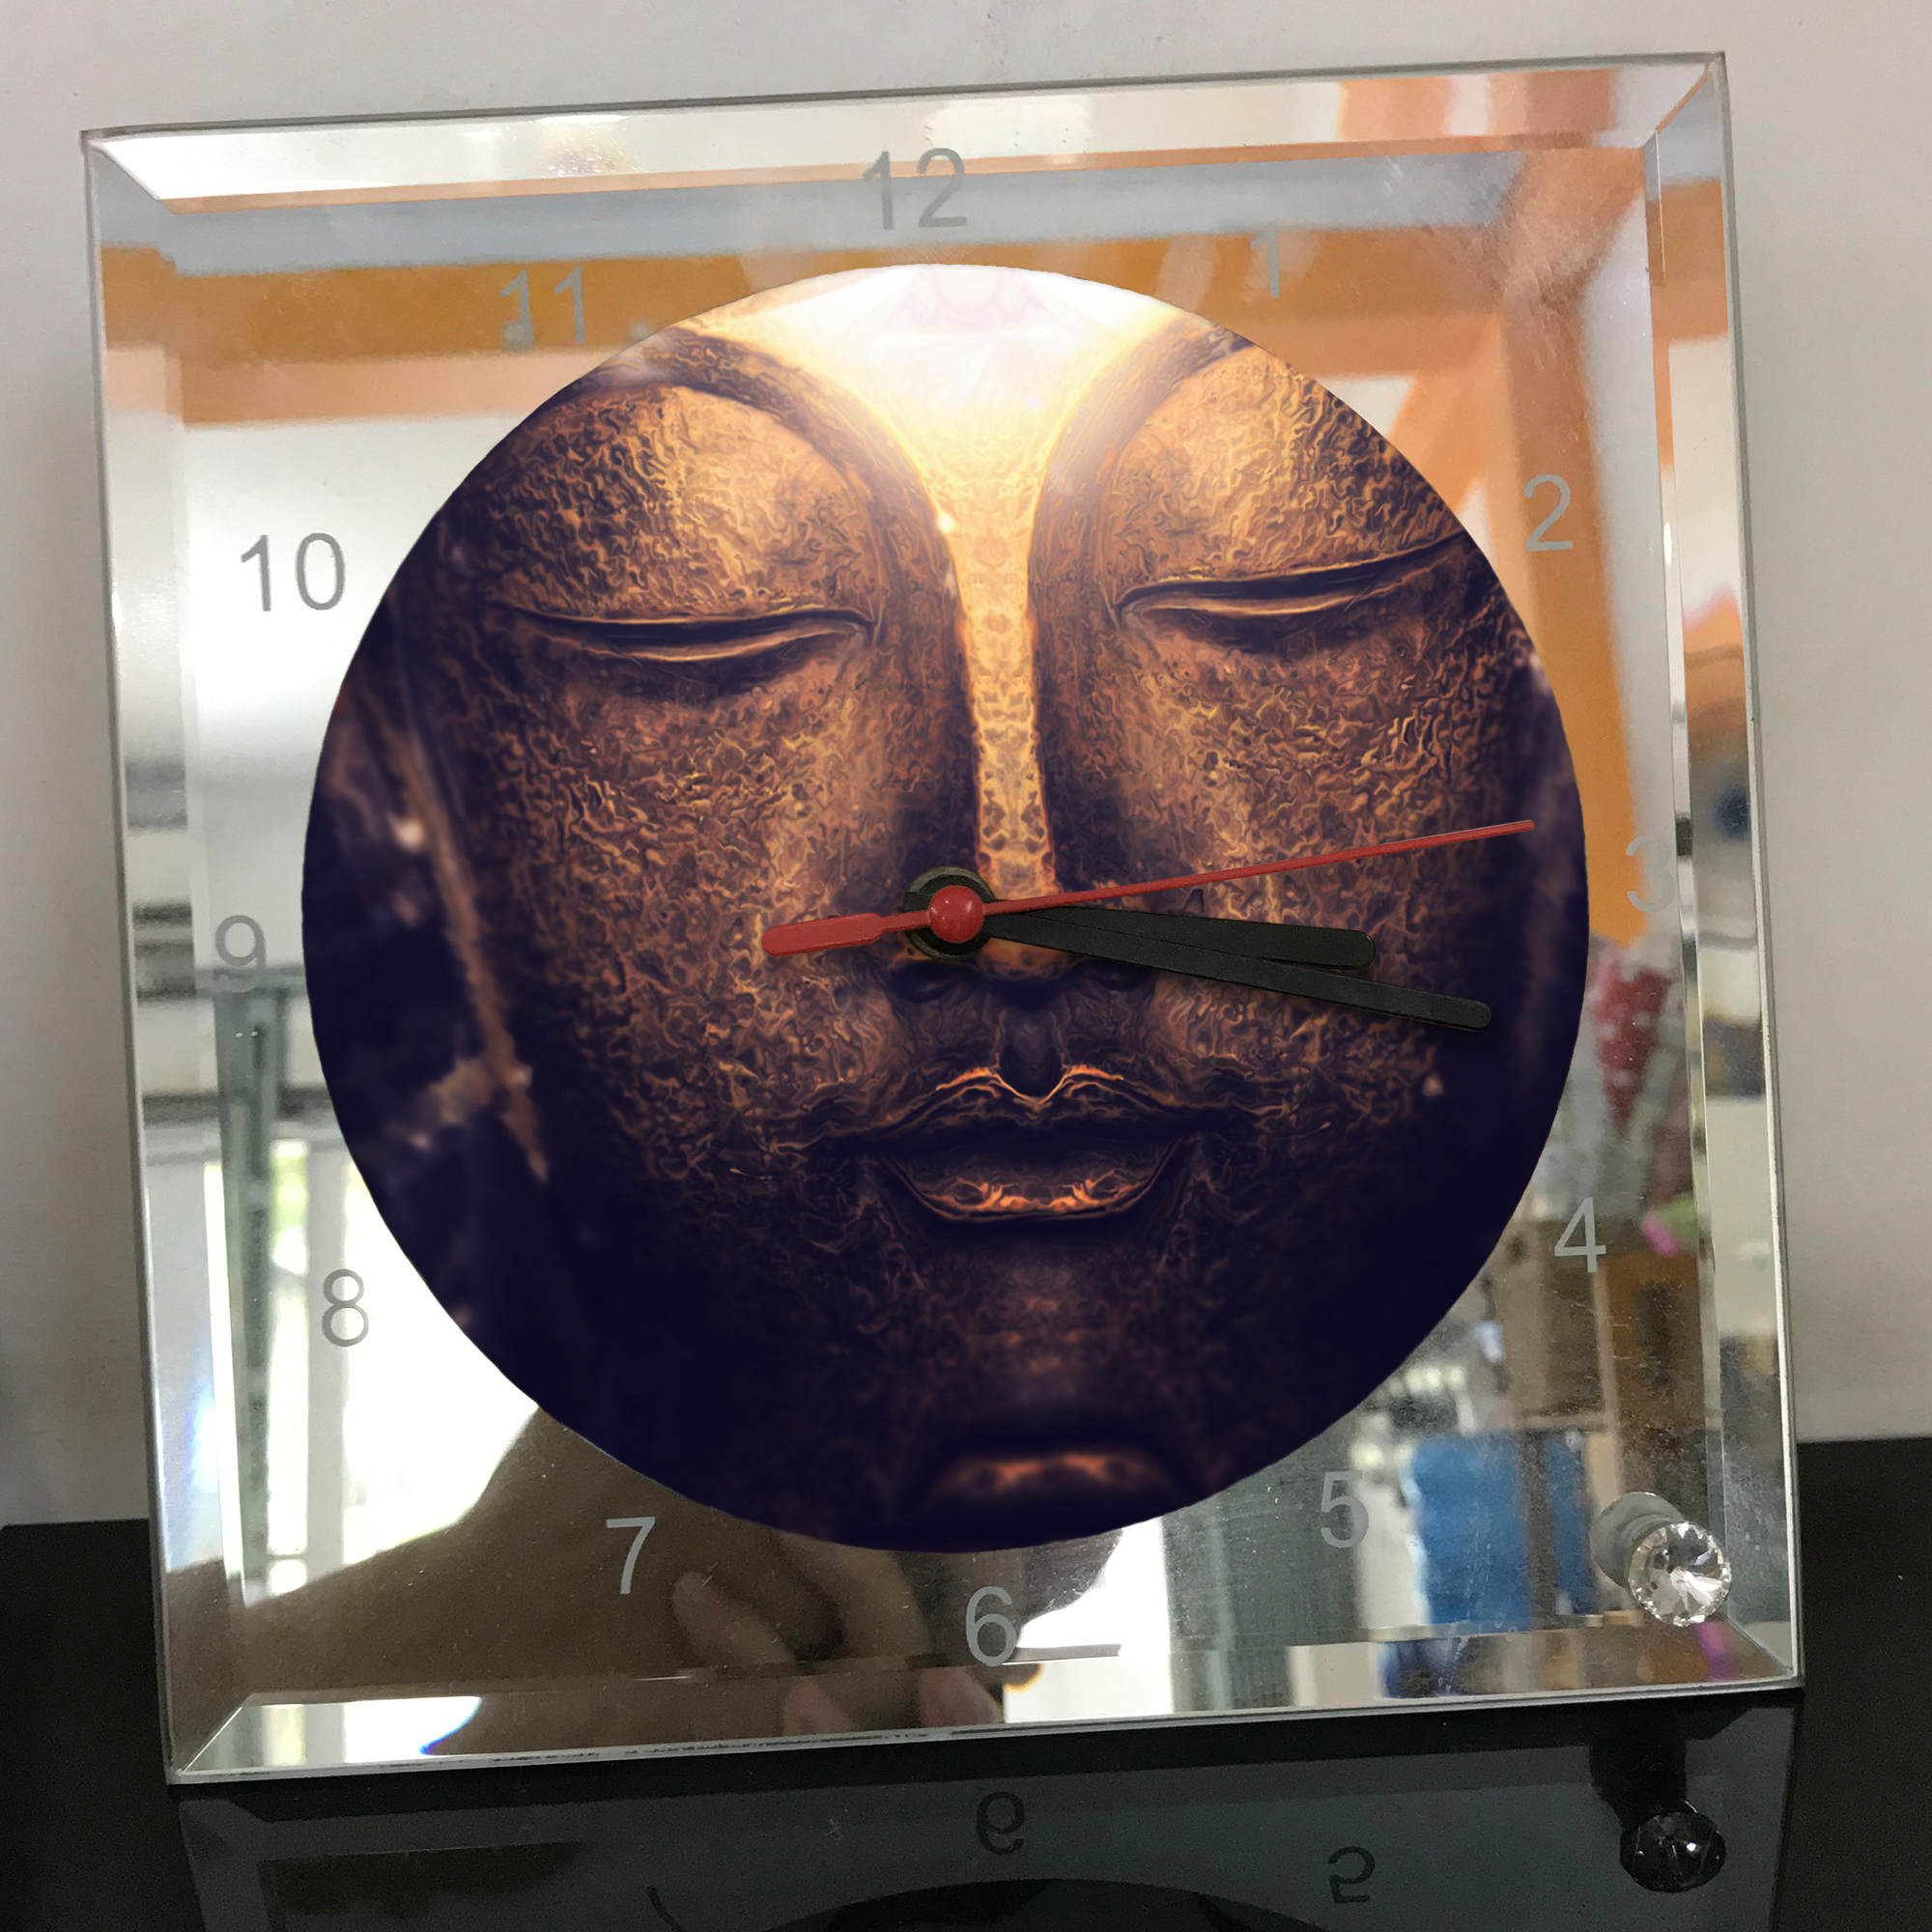 Đồng hồ thủy tinh vuông 20x20 in hình Buddhism - đạo phật (61) . Đồng hồ thủy tinh để bàn trang trí đẹp chủ đề tôn giáo